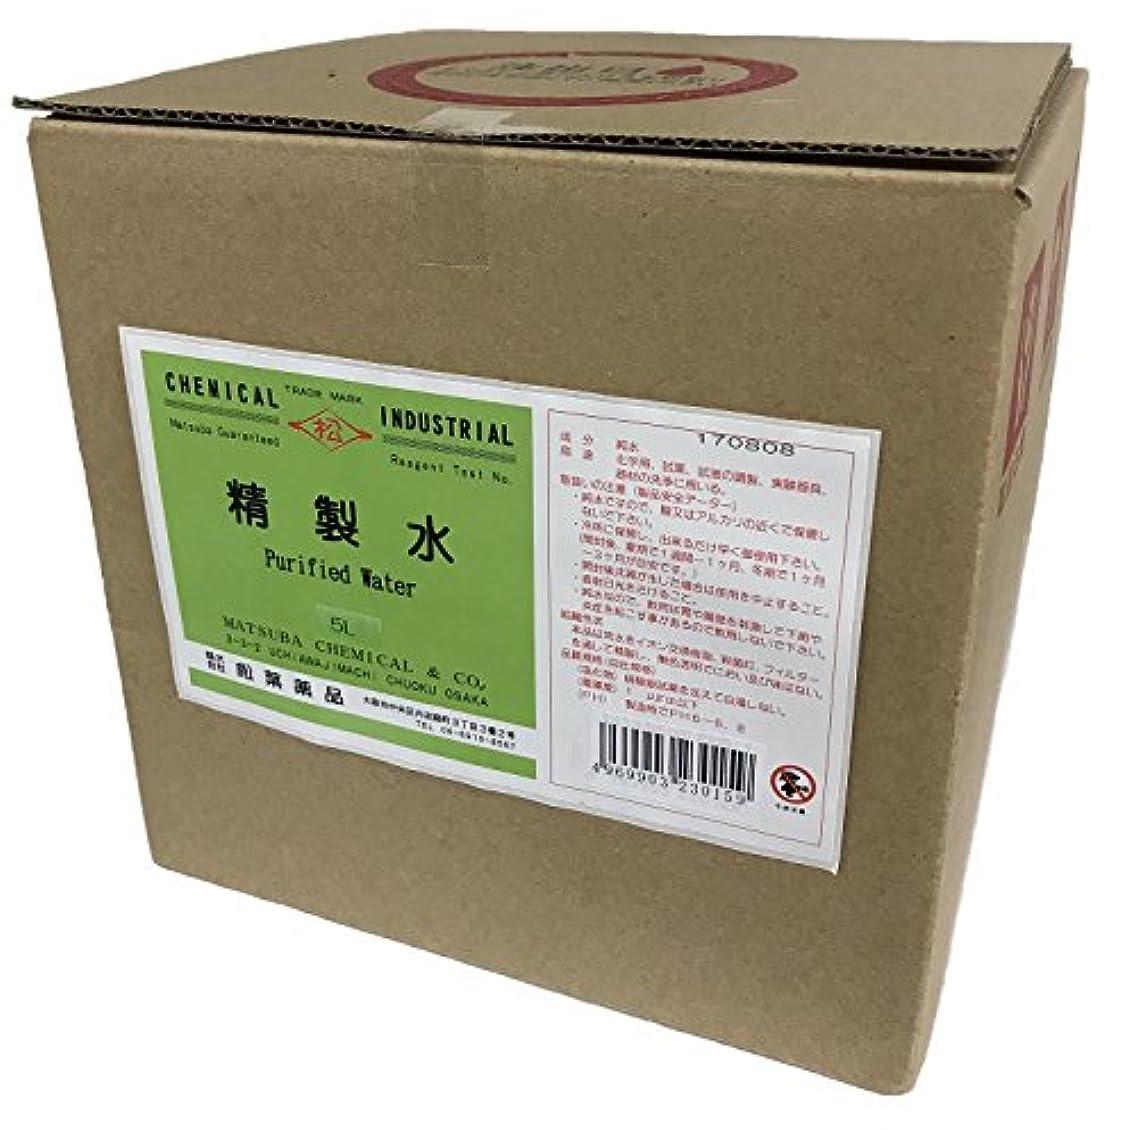 コロニアルキャンセルシャー精製水(工業用)5L+コック付